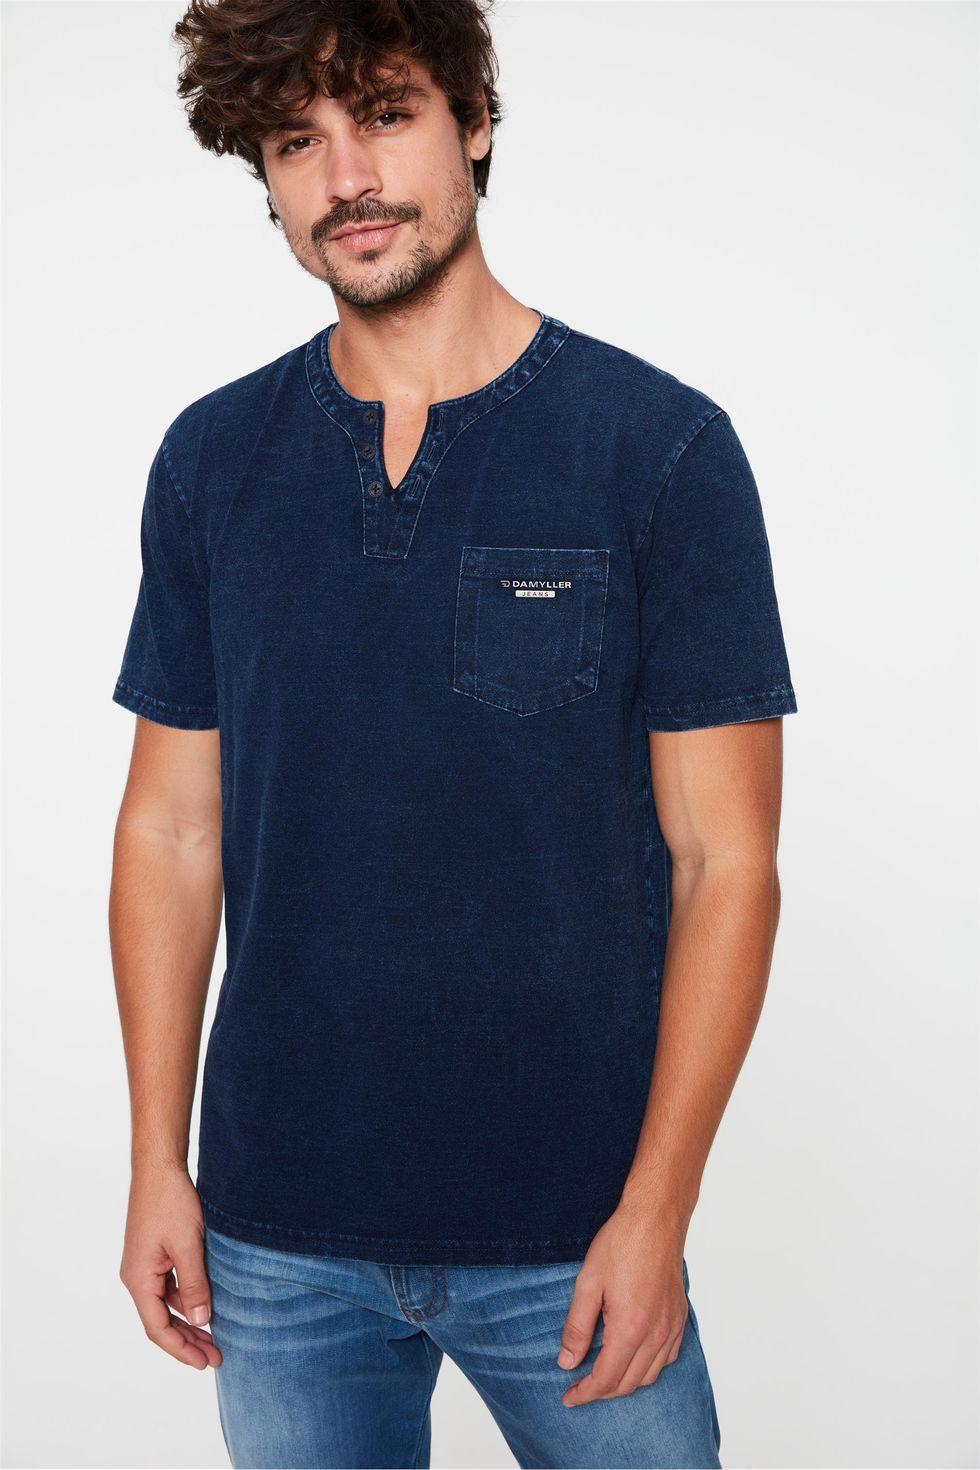 Camiseta-Henley-de-Malha-Denim-Masculina-Frente--